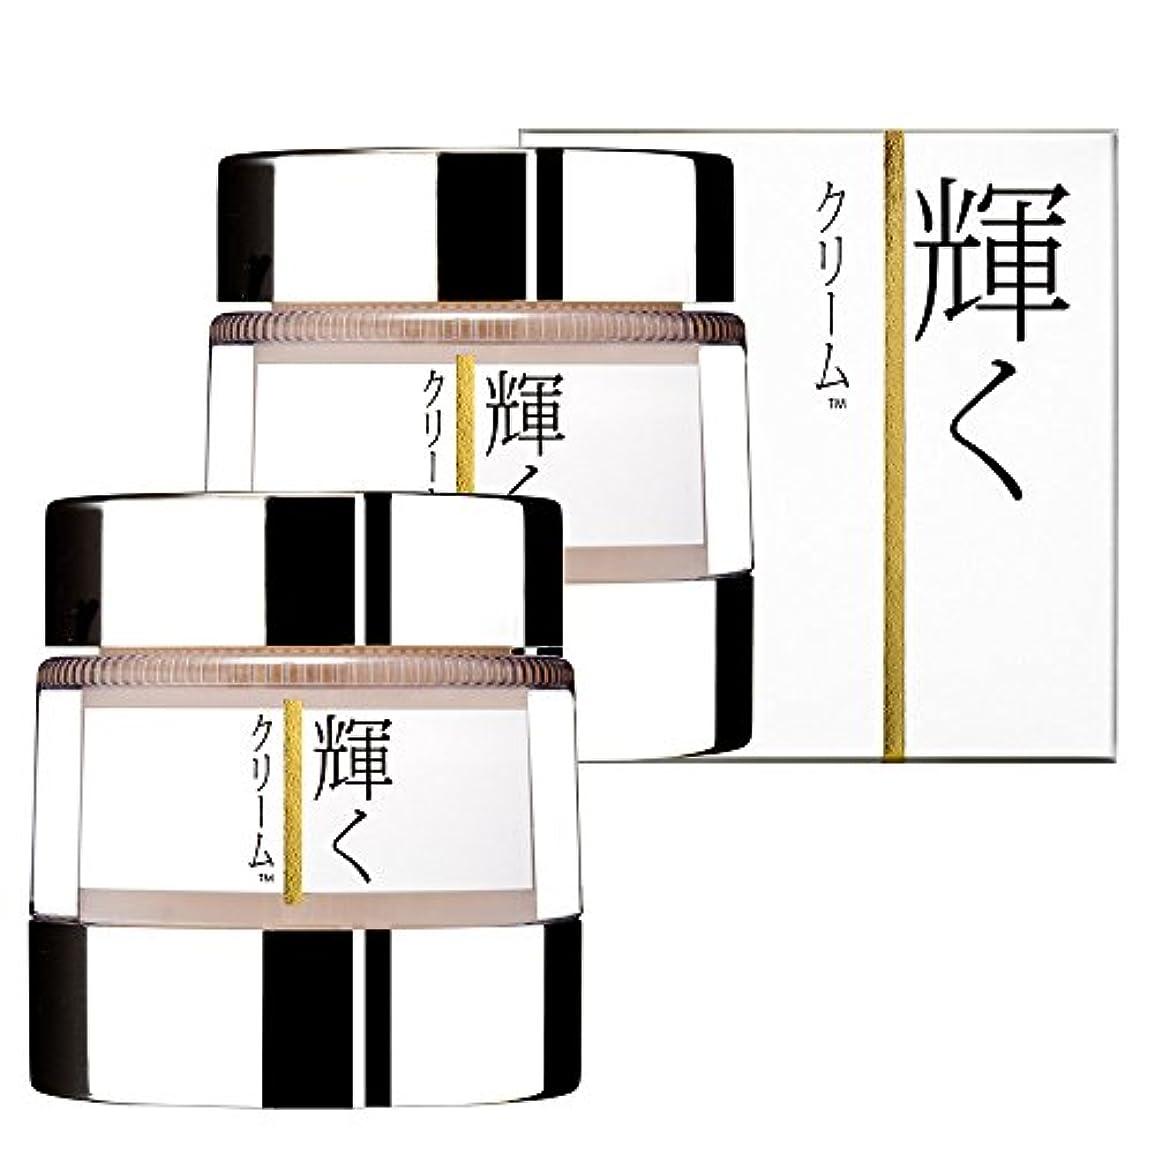 亜熱帯ミニ誠意【閉店セール】【お得な2個セット】輝くクリーム(高濃度フルボ酸配合)